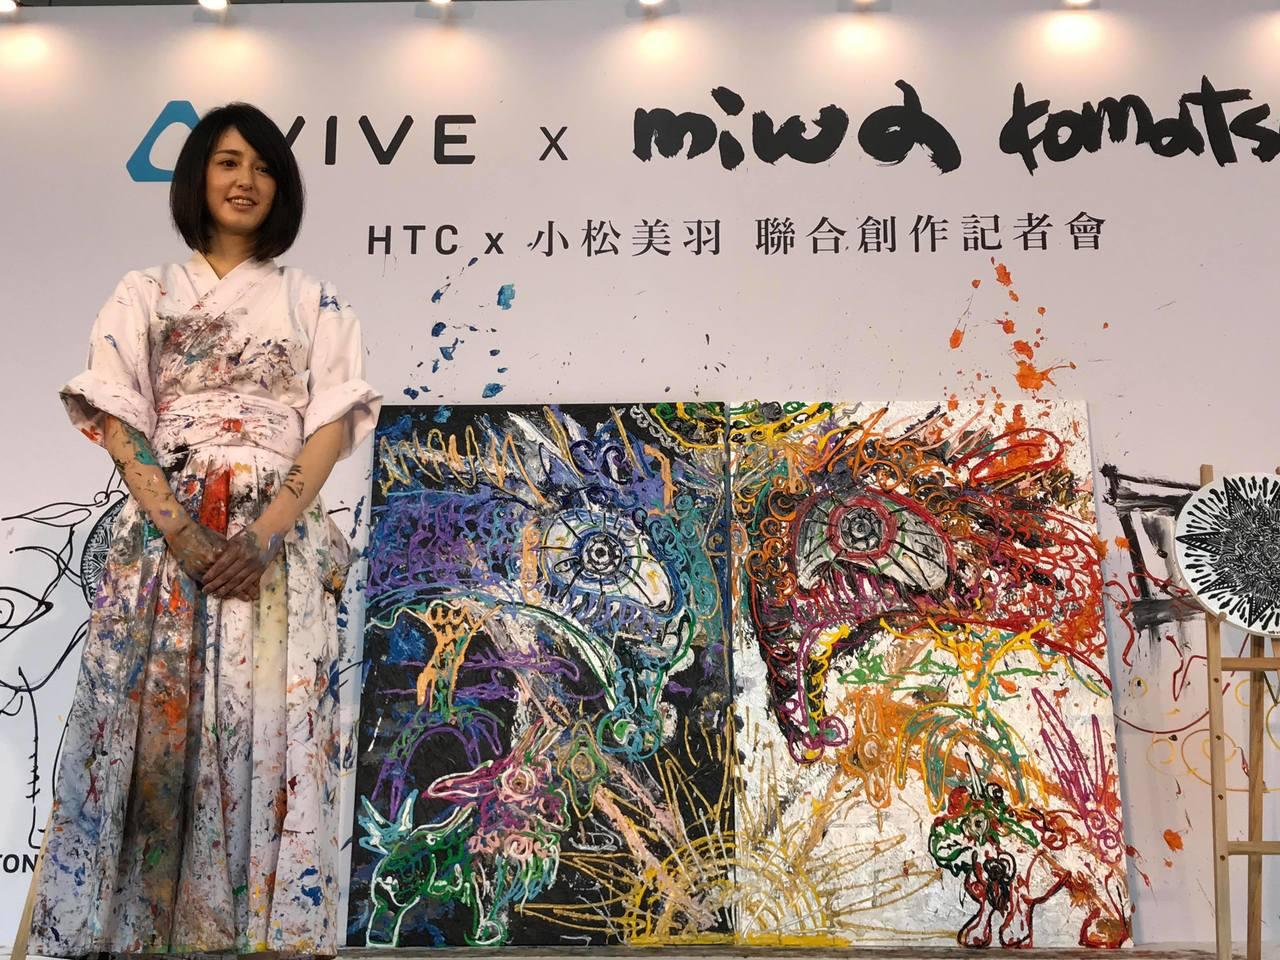 日本新銳藝術家小松美羽(MIWA KOMATSU)與HTC跨界合作,舉辦Live...